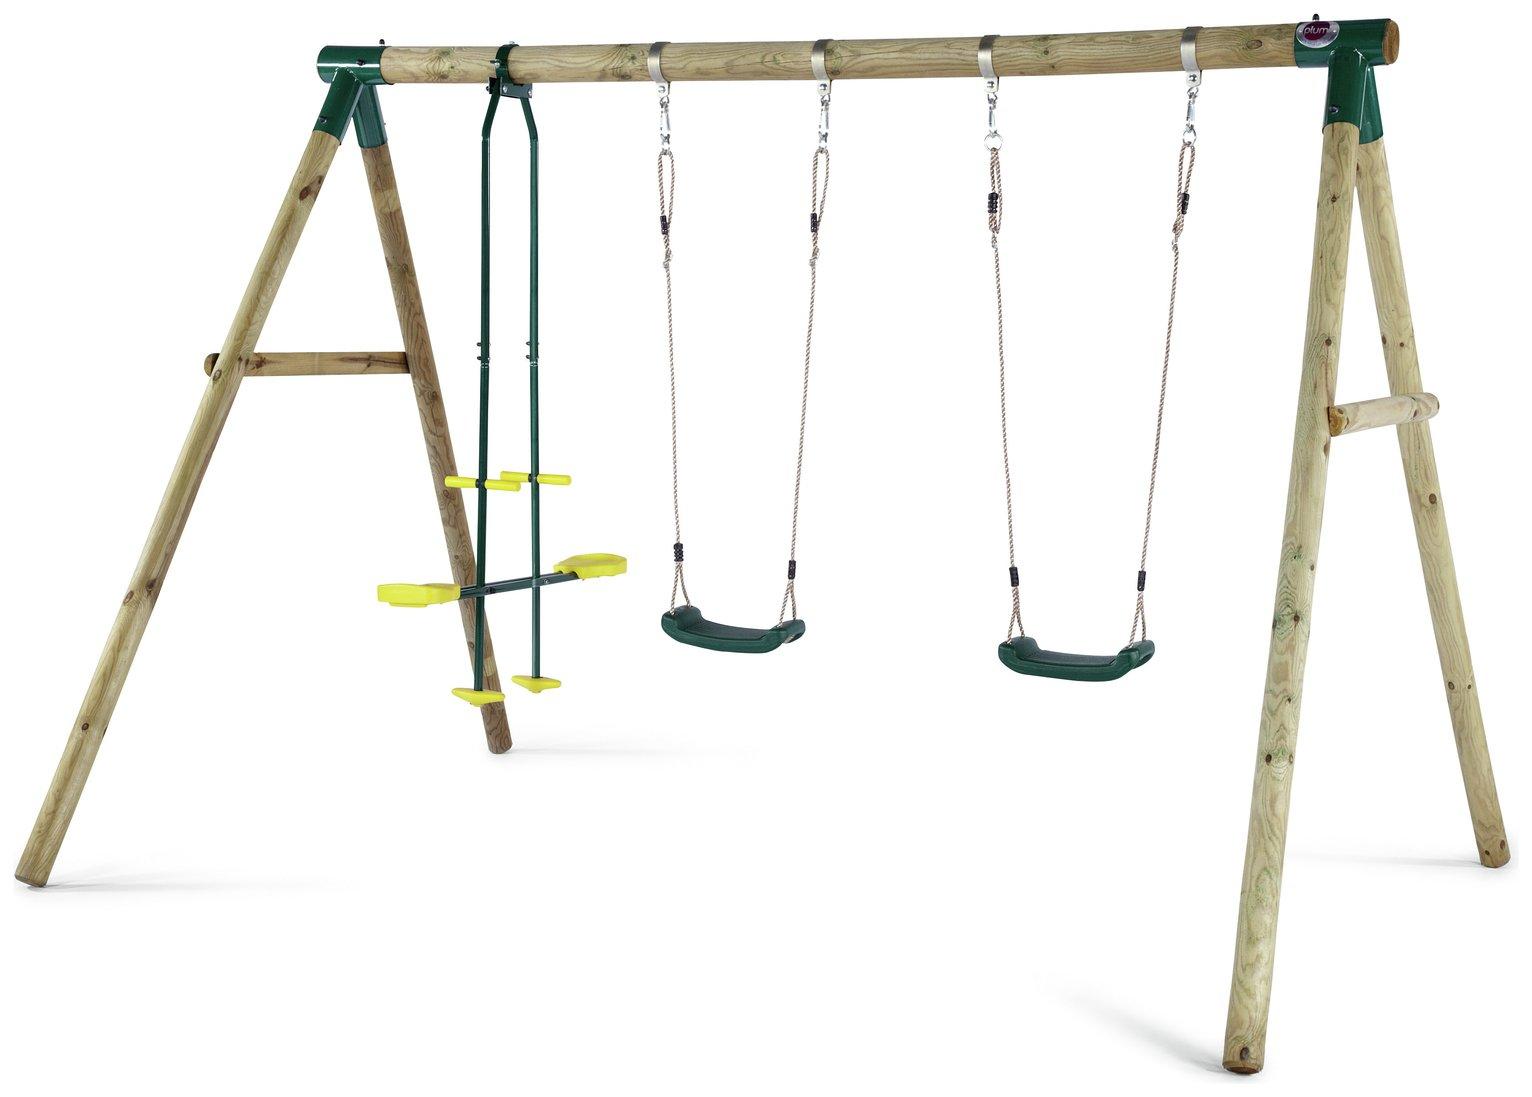 Plum Colobus Wooden Garden Swing Set.